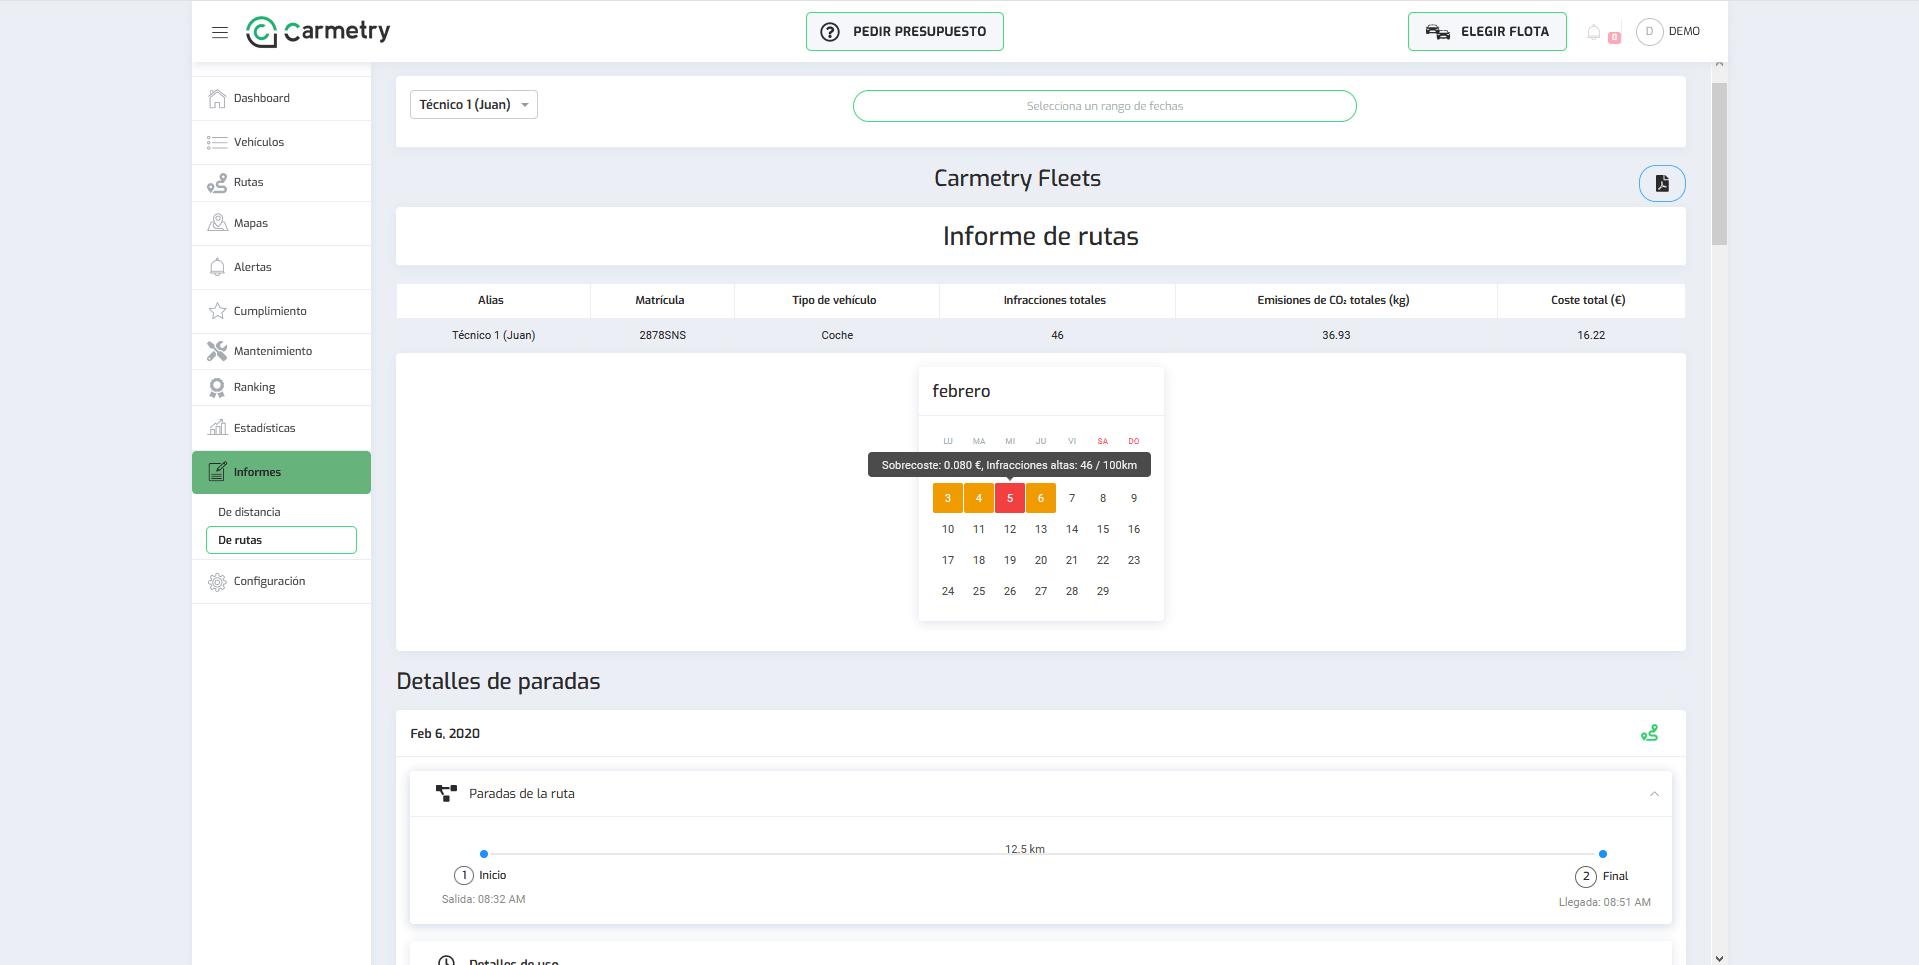 Informes de rutas por rango de fechas de un vehículos